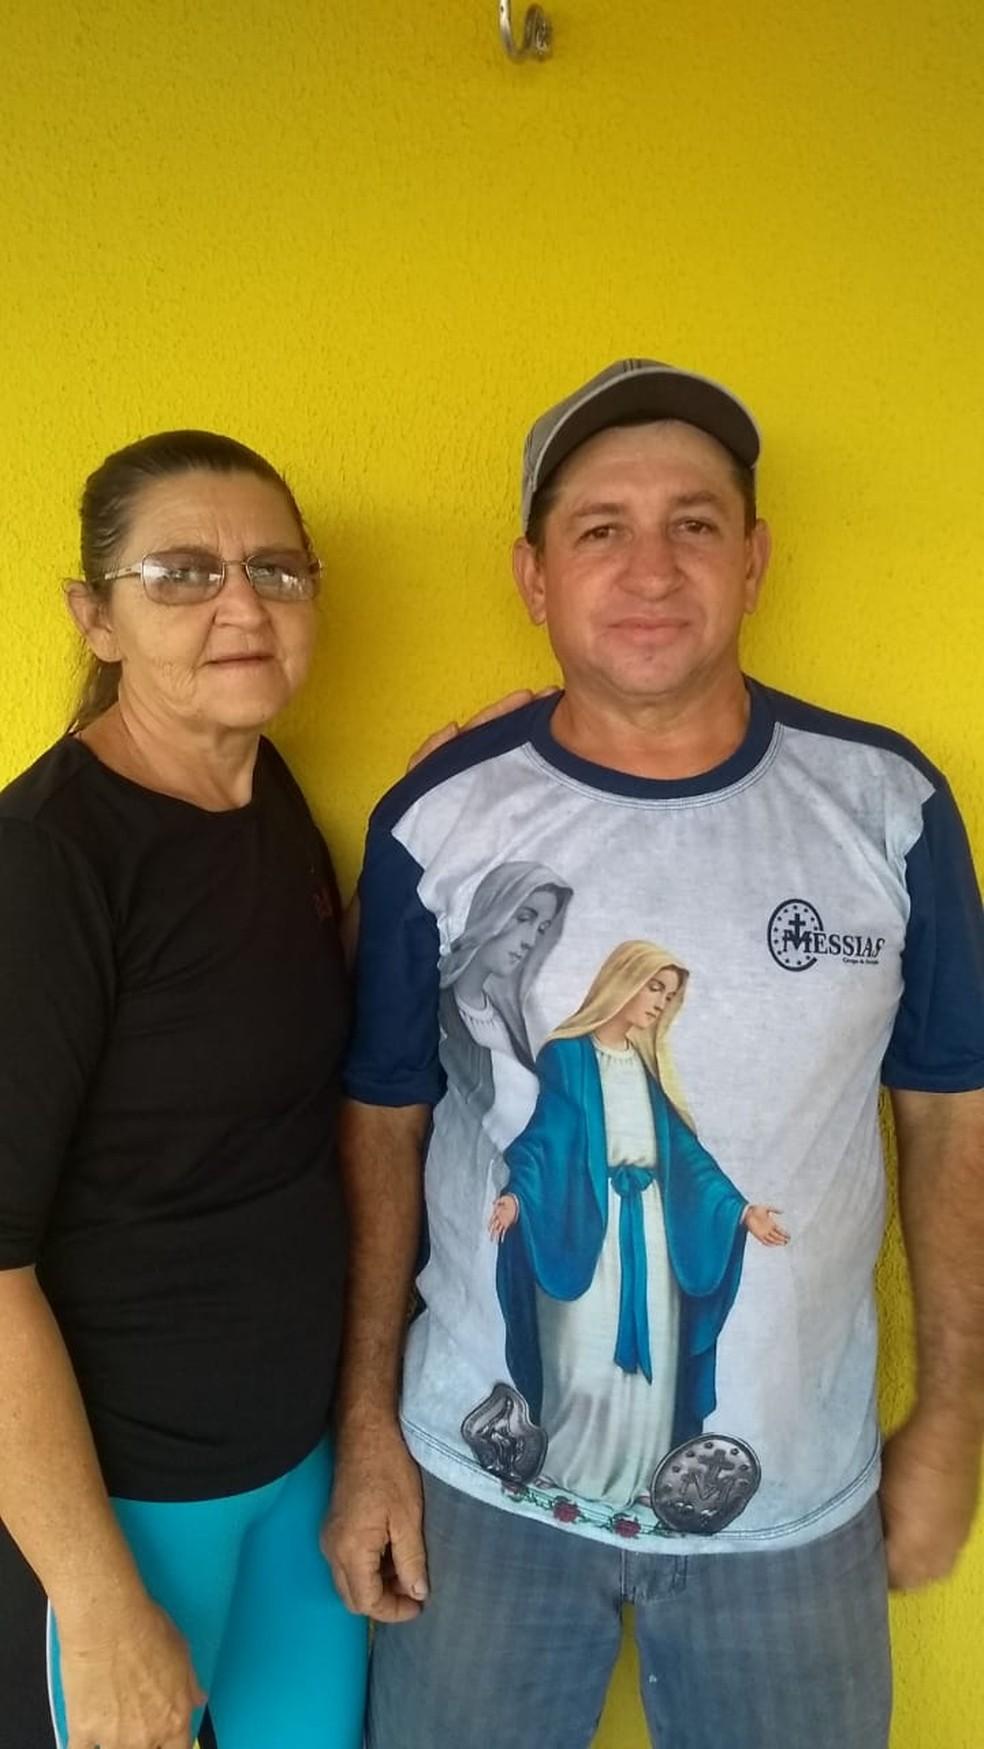 Antonia Raimunda Vieira de Paula e Antonio Vieira de Paula viram a renda dobrar com o pagamento do Auxílio — Foto: Arquivo pessoal